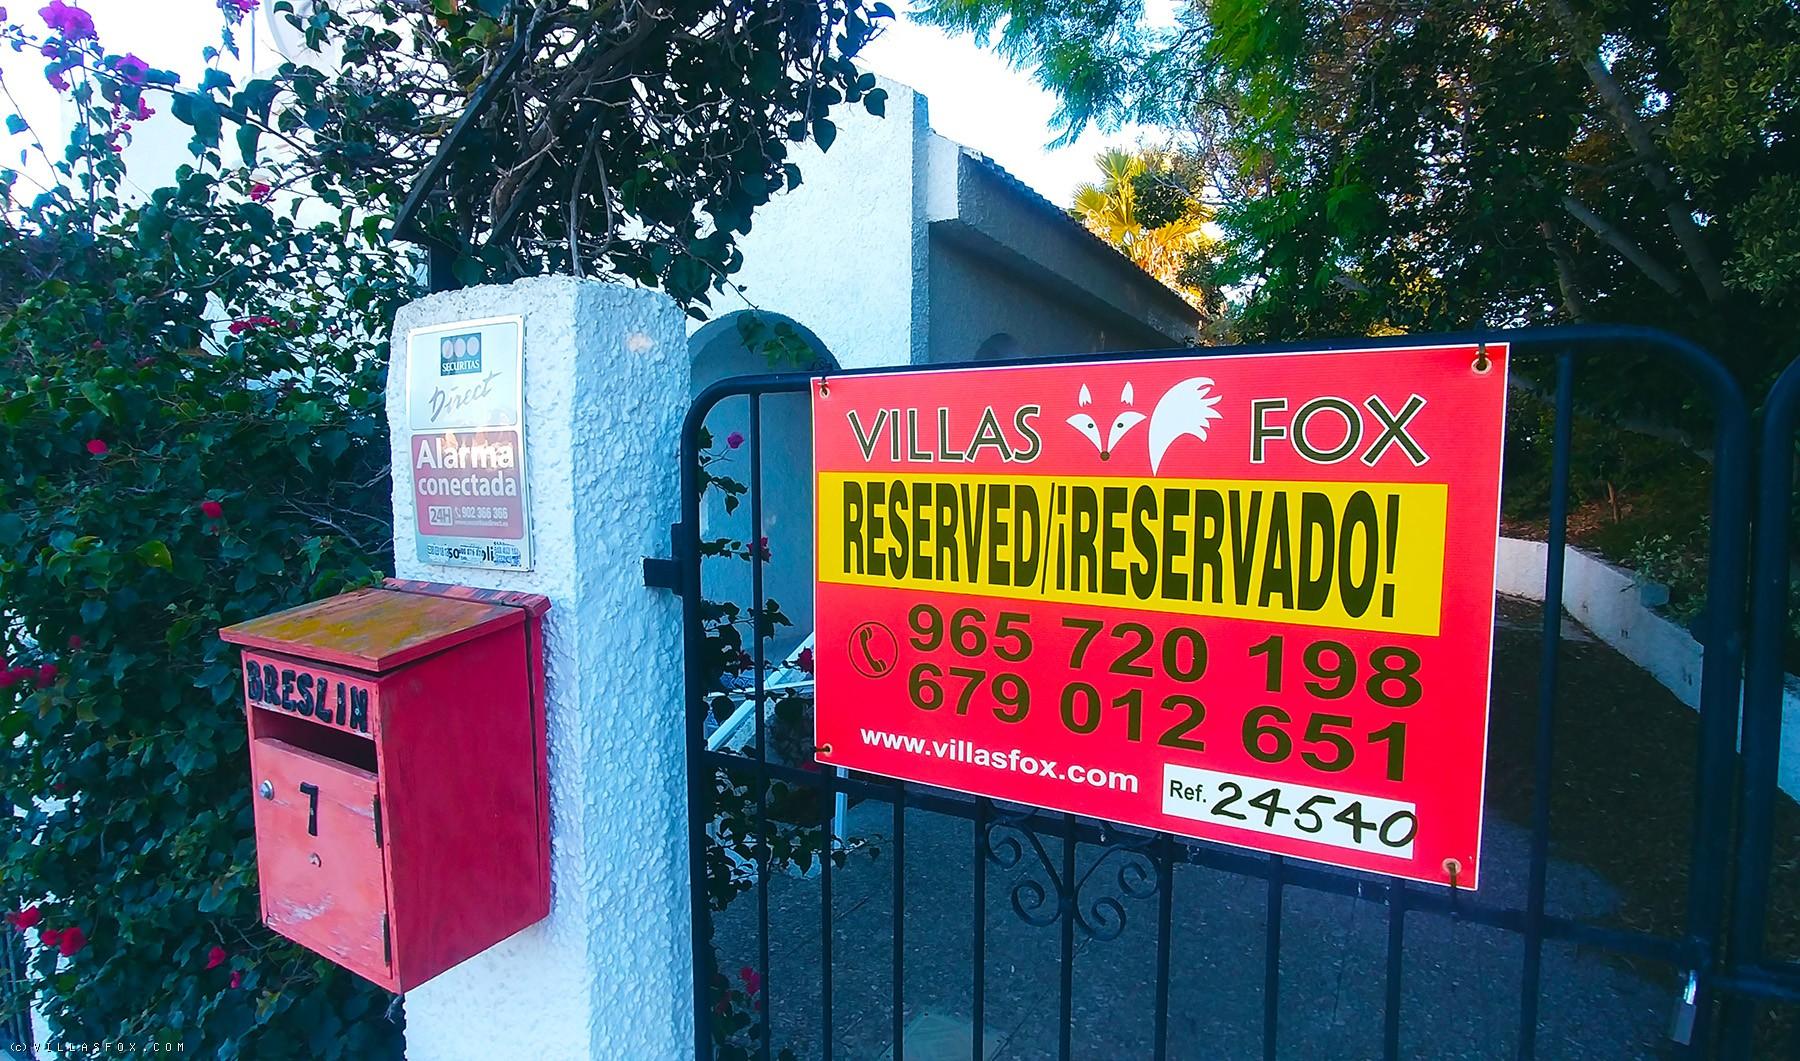 4-bedroom detached villa on 2 levels, 875 m2 plot, Las Comunicaciones